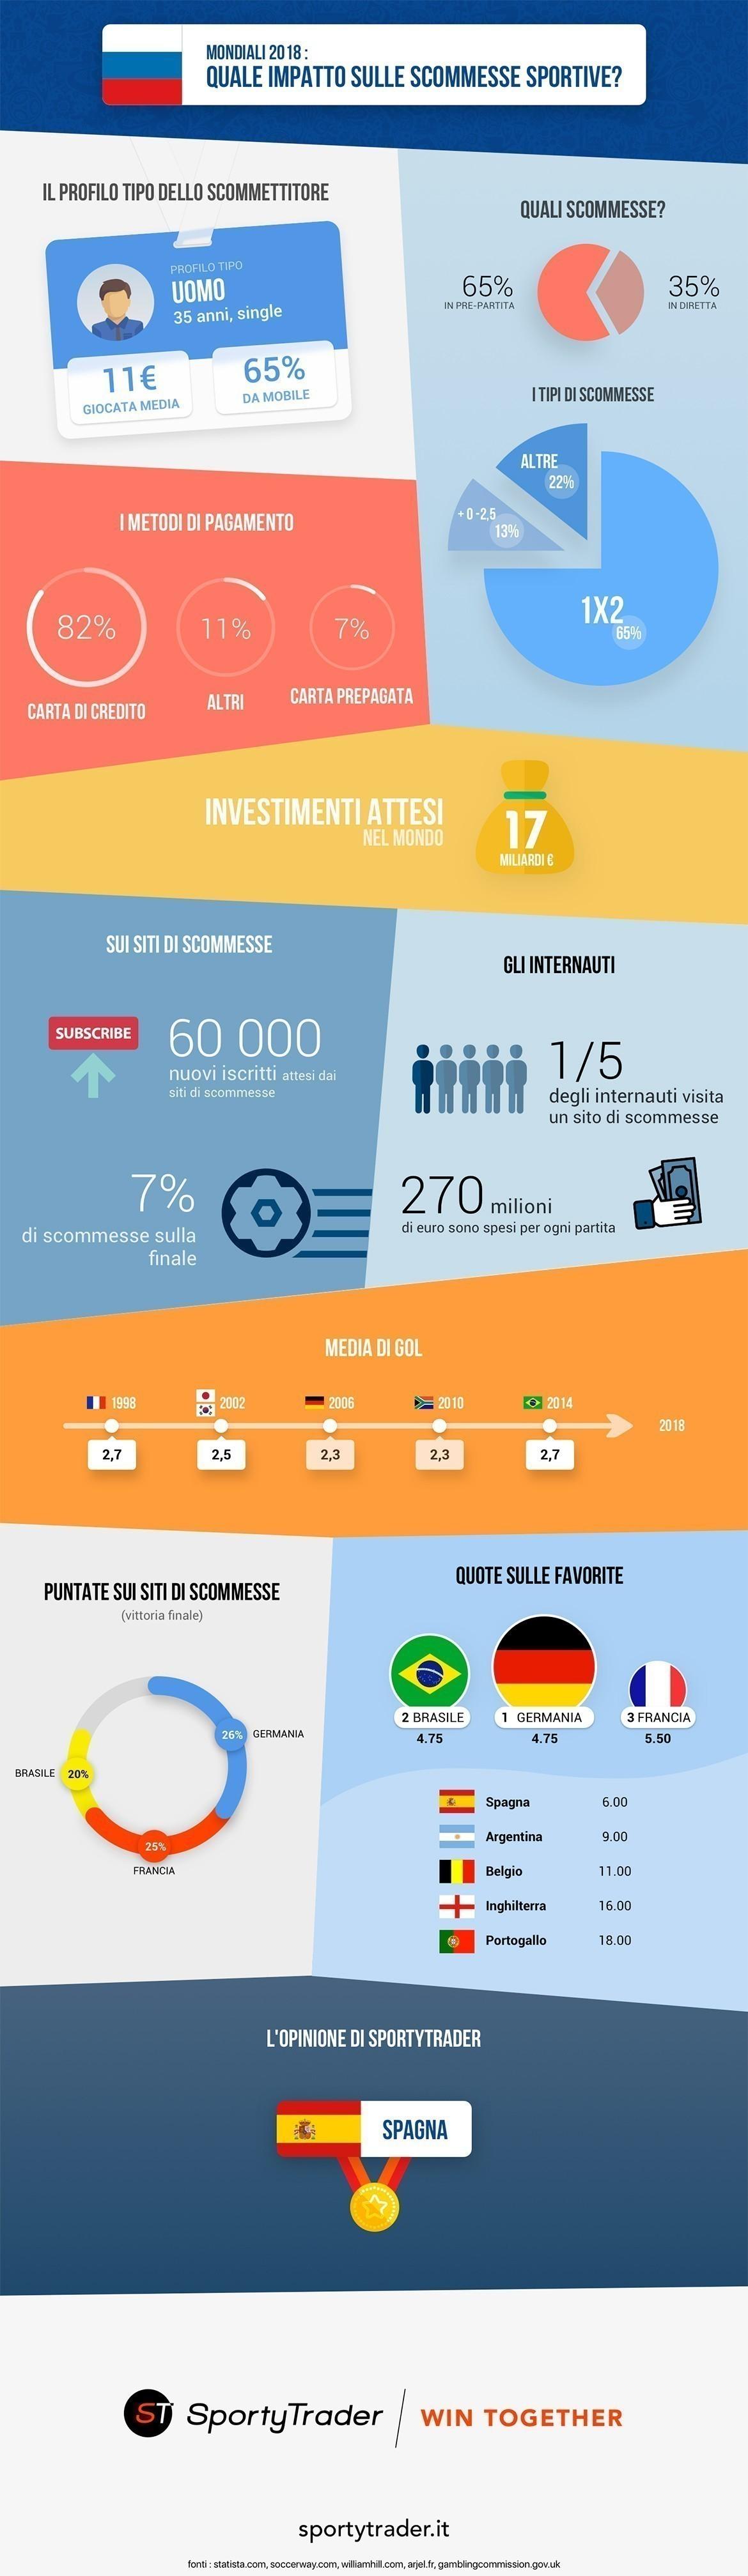 Mondiali - infografica e pronostici